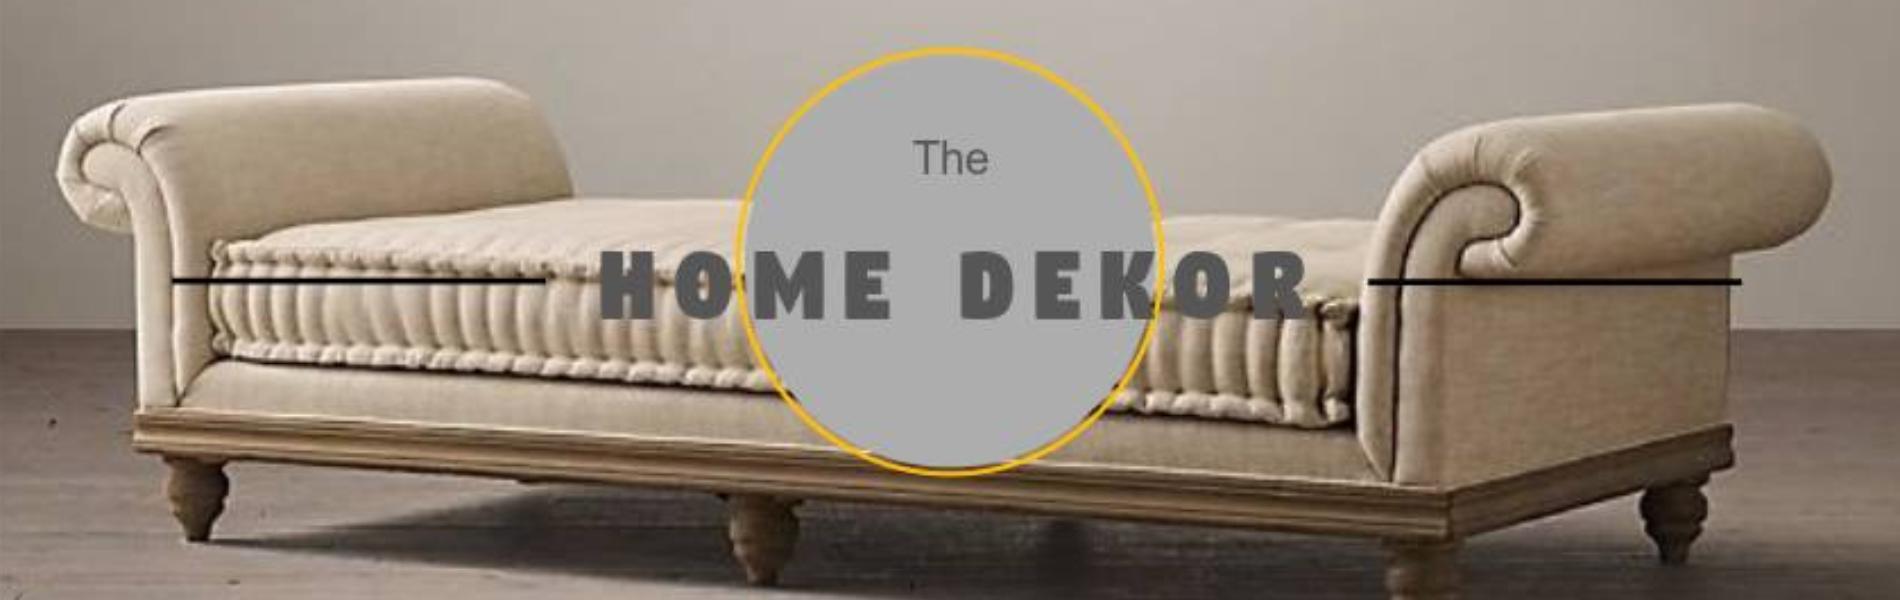 The Home Dekor